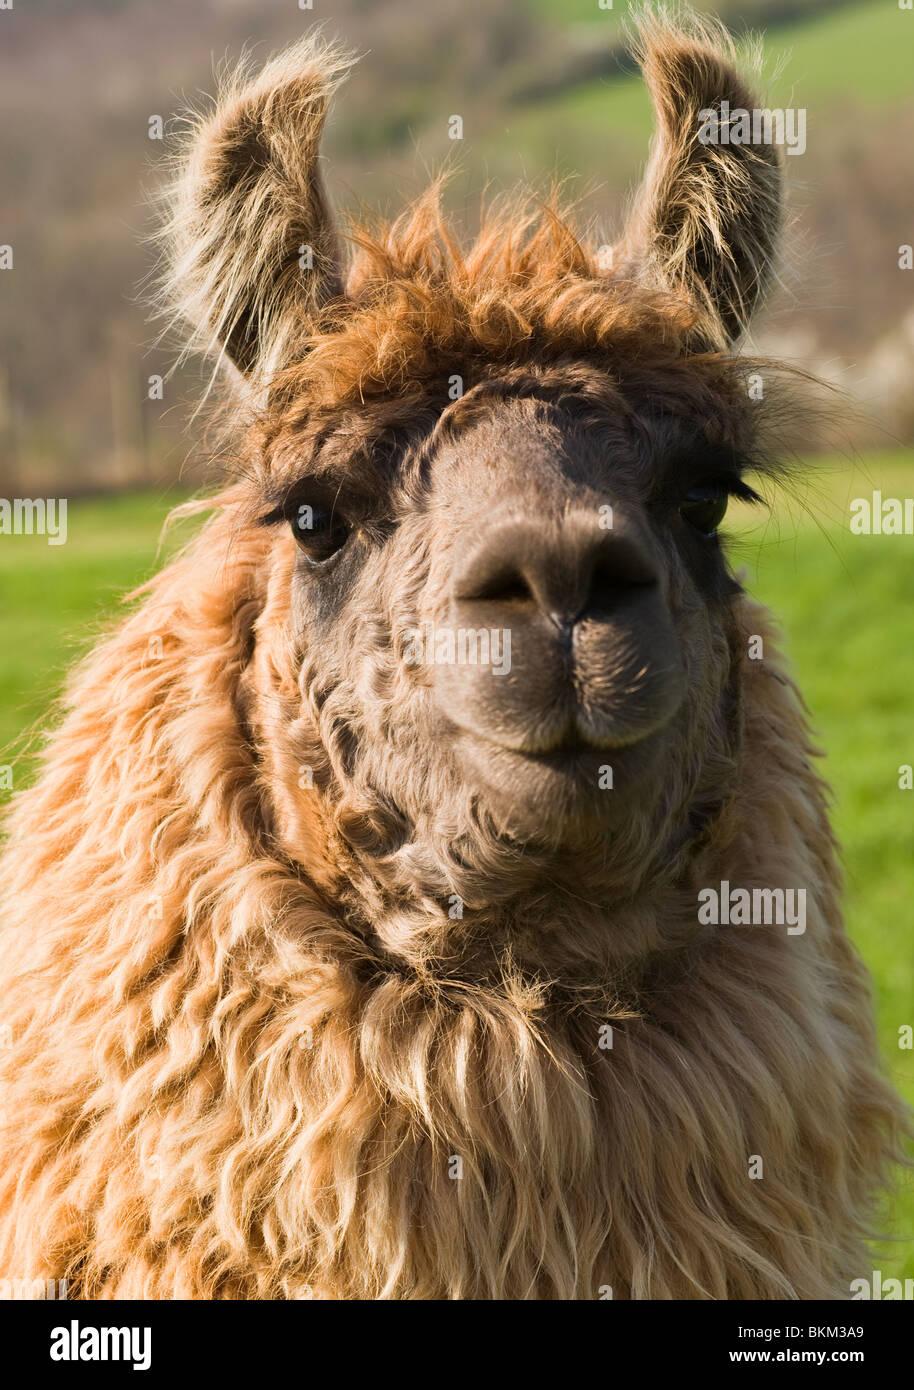 Primer plano de un Llamas cabeza y cara con orejas erguidas en un campo en Laval Aveyron France Foto de stock